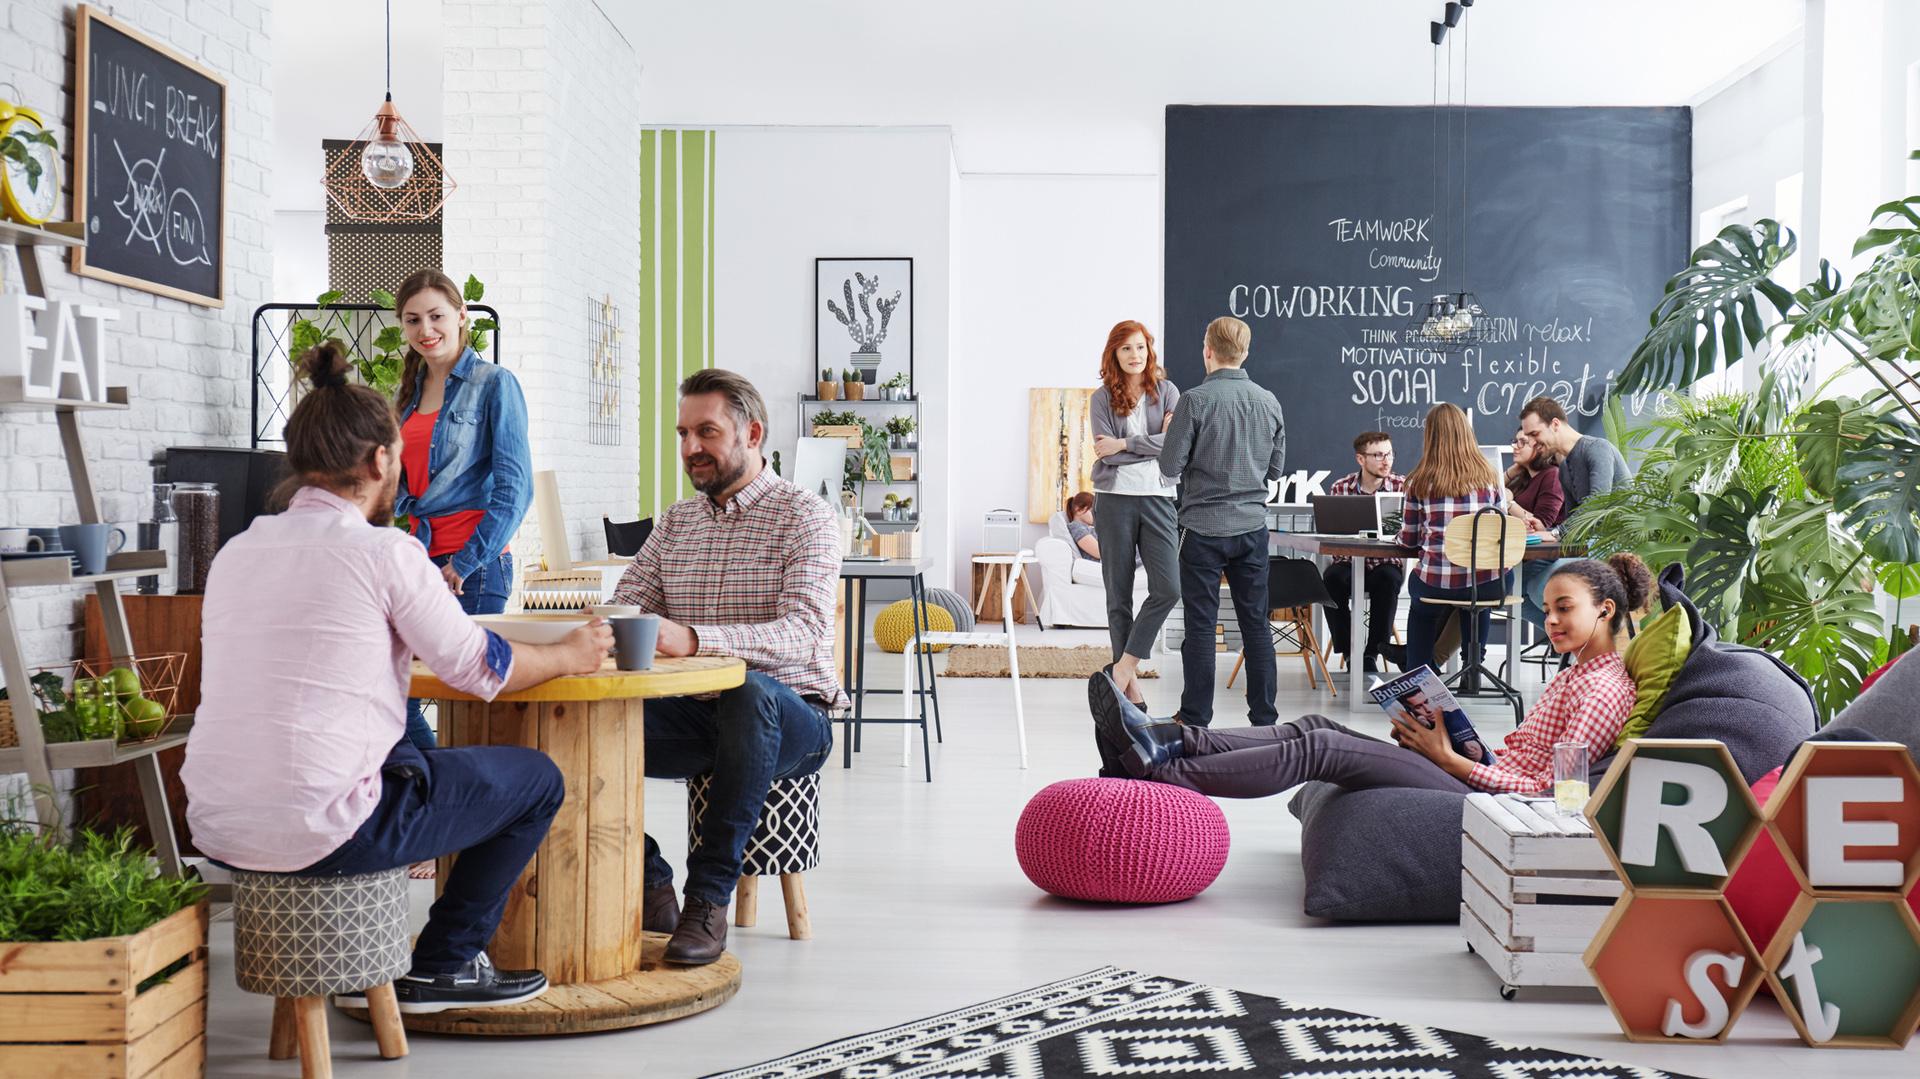 Con muebles y decoración moderna, y espacios luminosos, suelen ser lugares donde da gusto trabajar